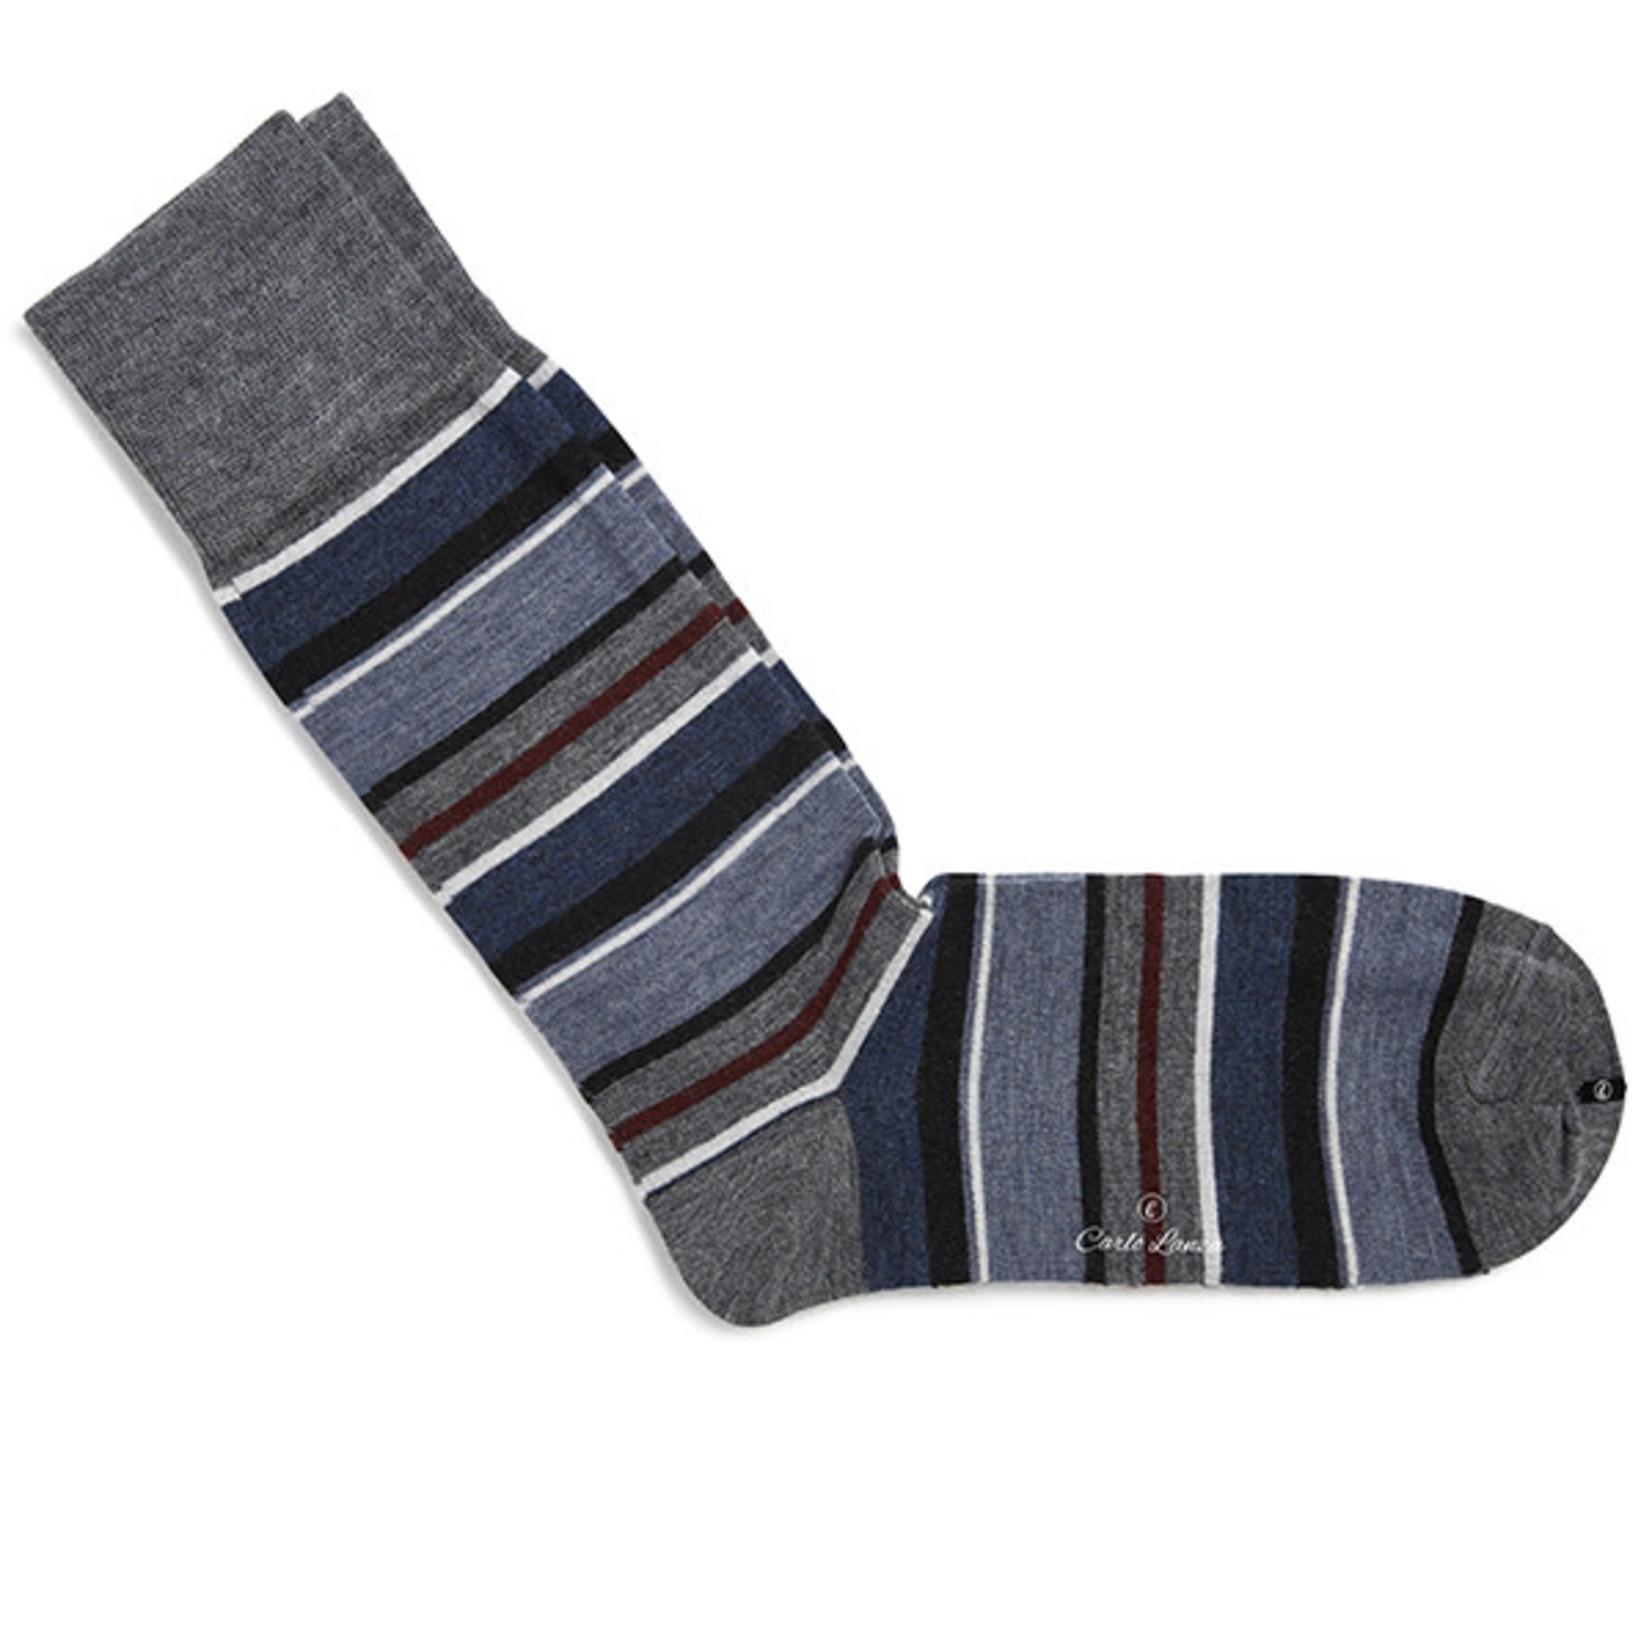 Carlo Lanza korte sokken wol met marine strepen